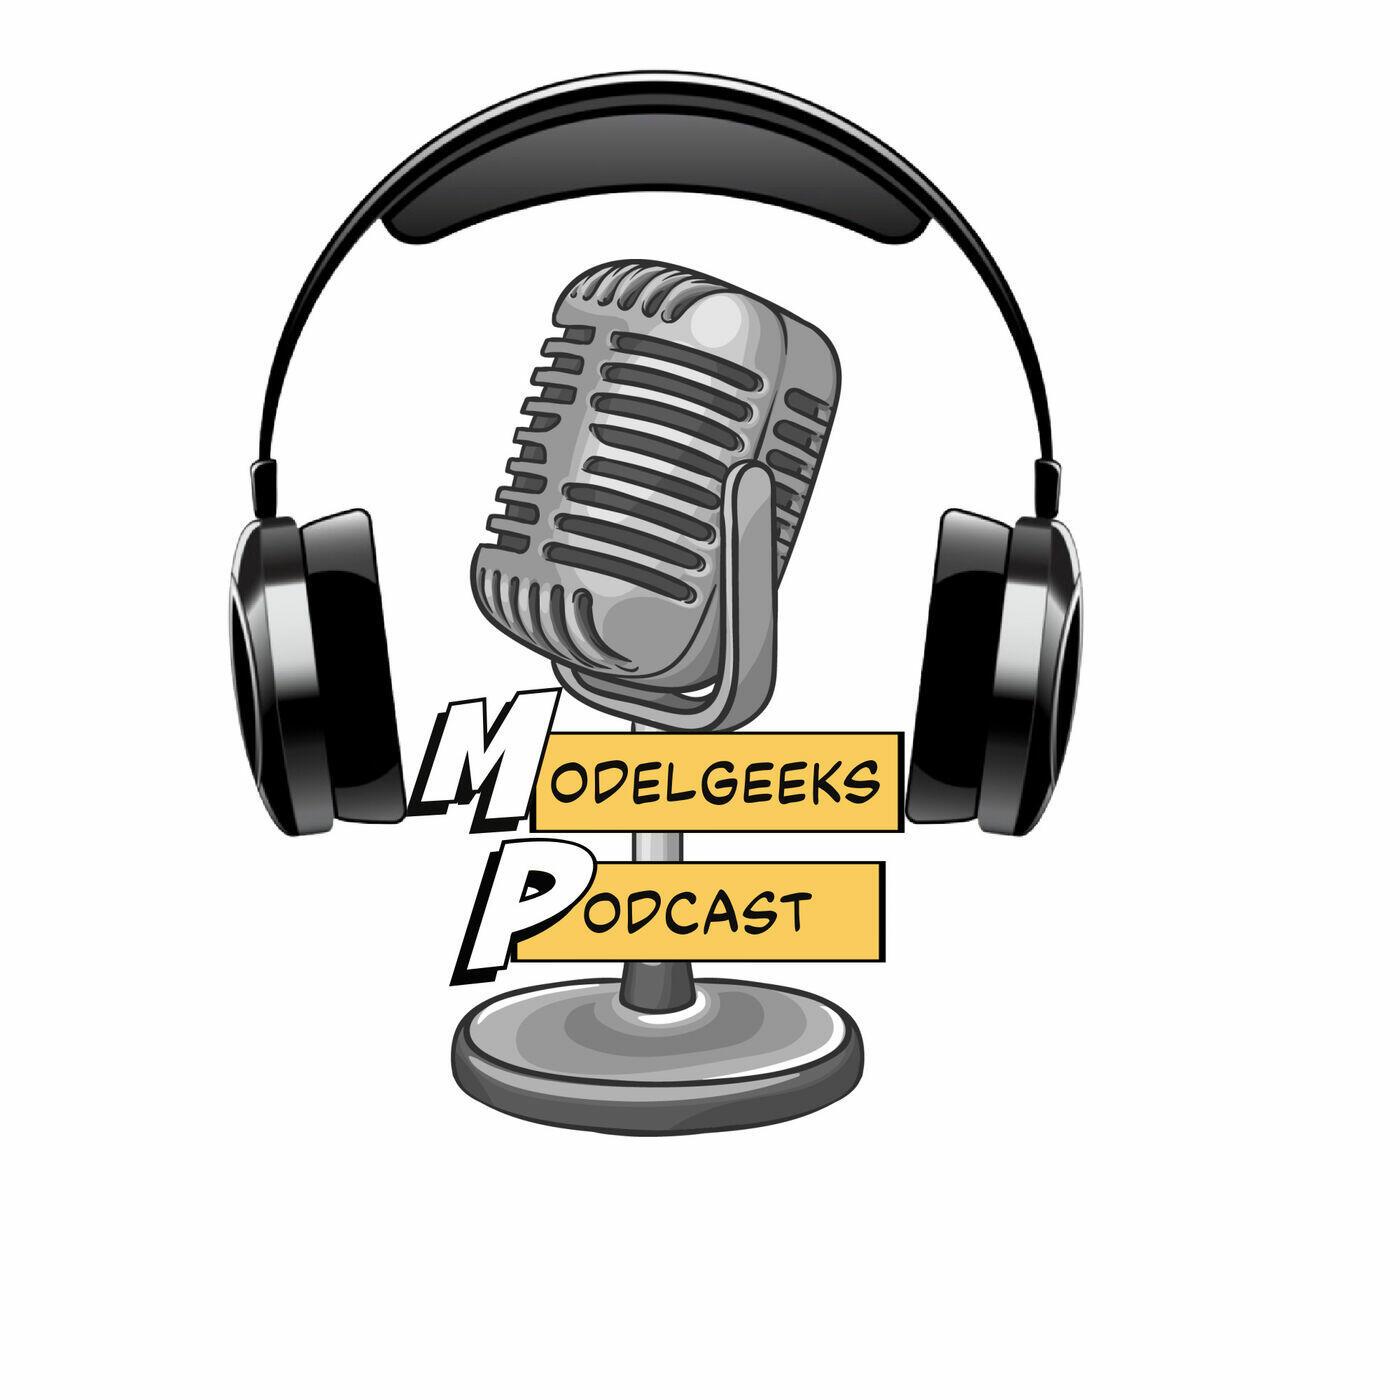 ModelGeek's Podcast